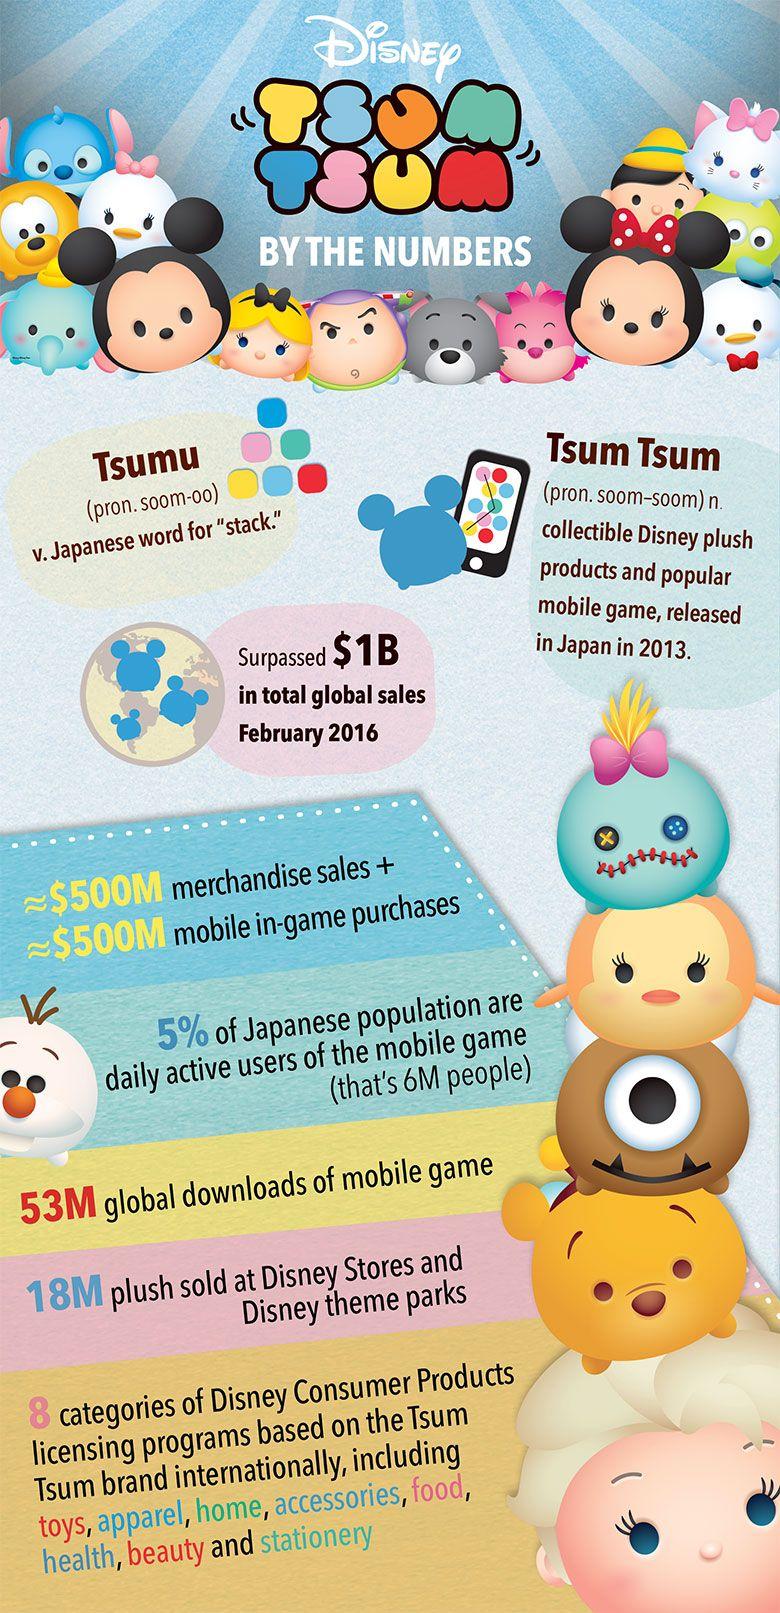 Tsum Tsum by the numbers | Disney | Pinterest | Disney tsum tsum ...